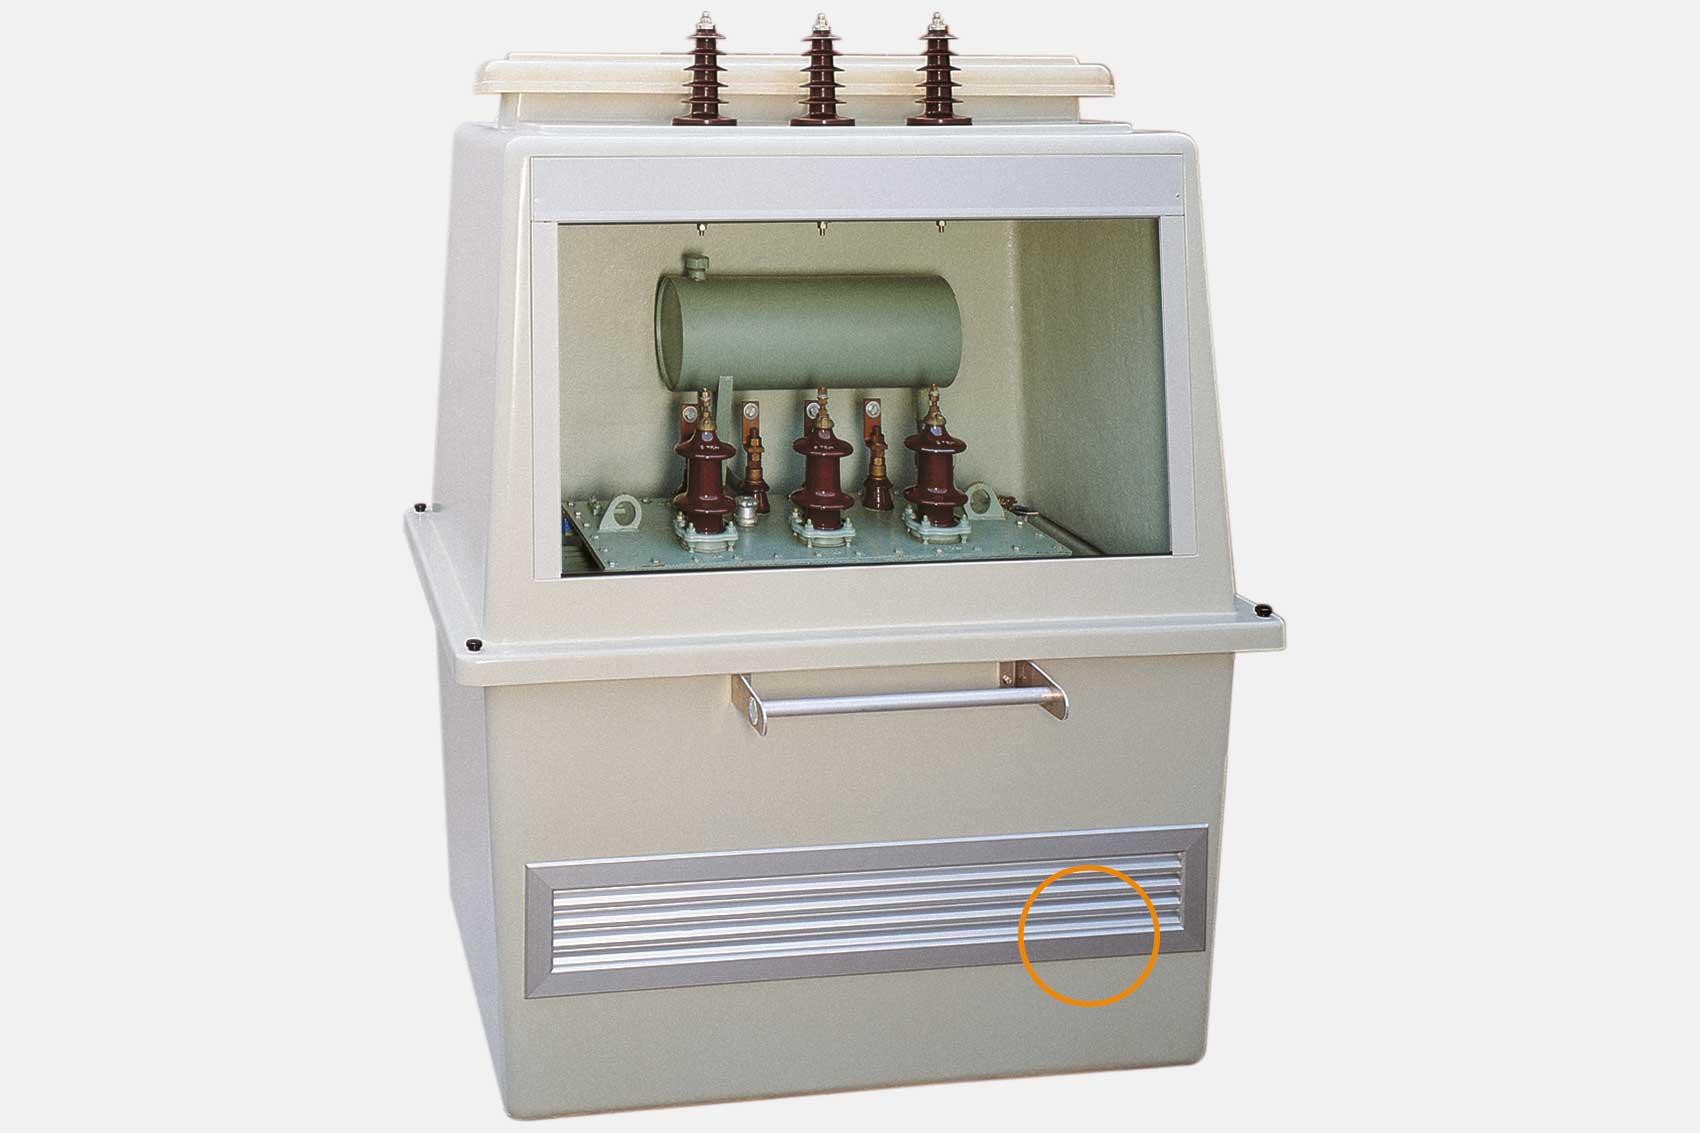 Alu-Lüftung, spritzwassergeschützt mit Insektenschutz.